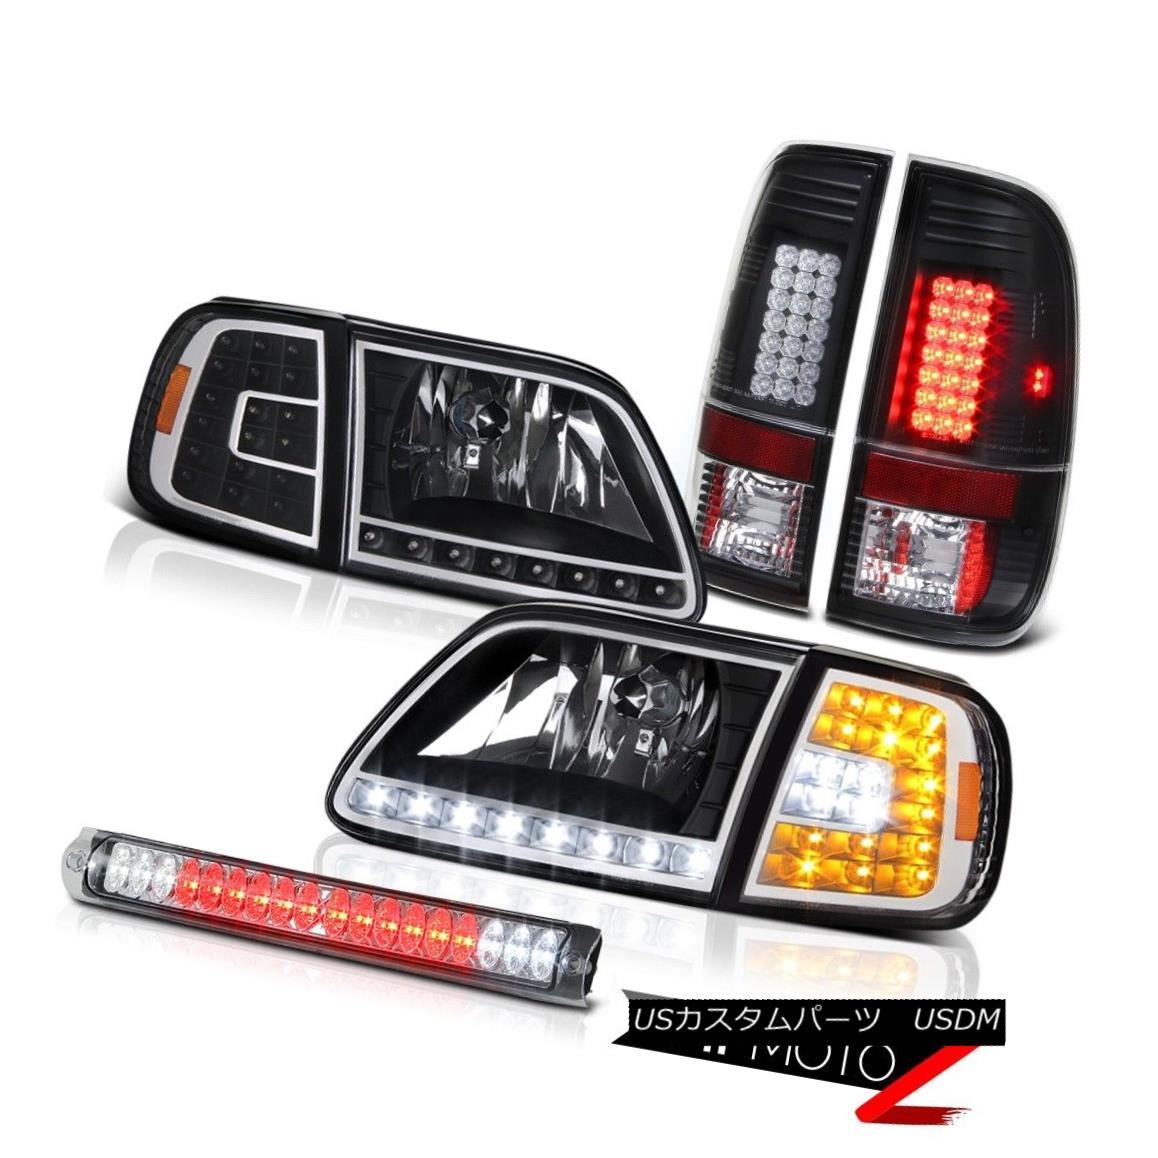 ヘッドライト 1997-2003 F150 4.6L LED Crystal Corner Headlights Signal Tail Lights Third Brake 1997-2003 F150 4.6L LEDクリスタルコーナーヘッドライト信号テールライト第3ブレーキ